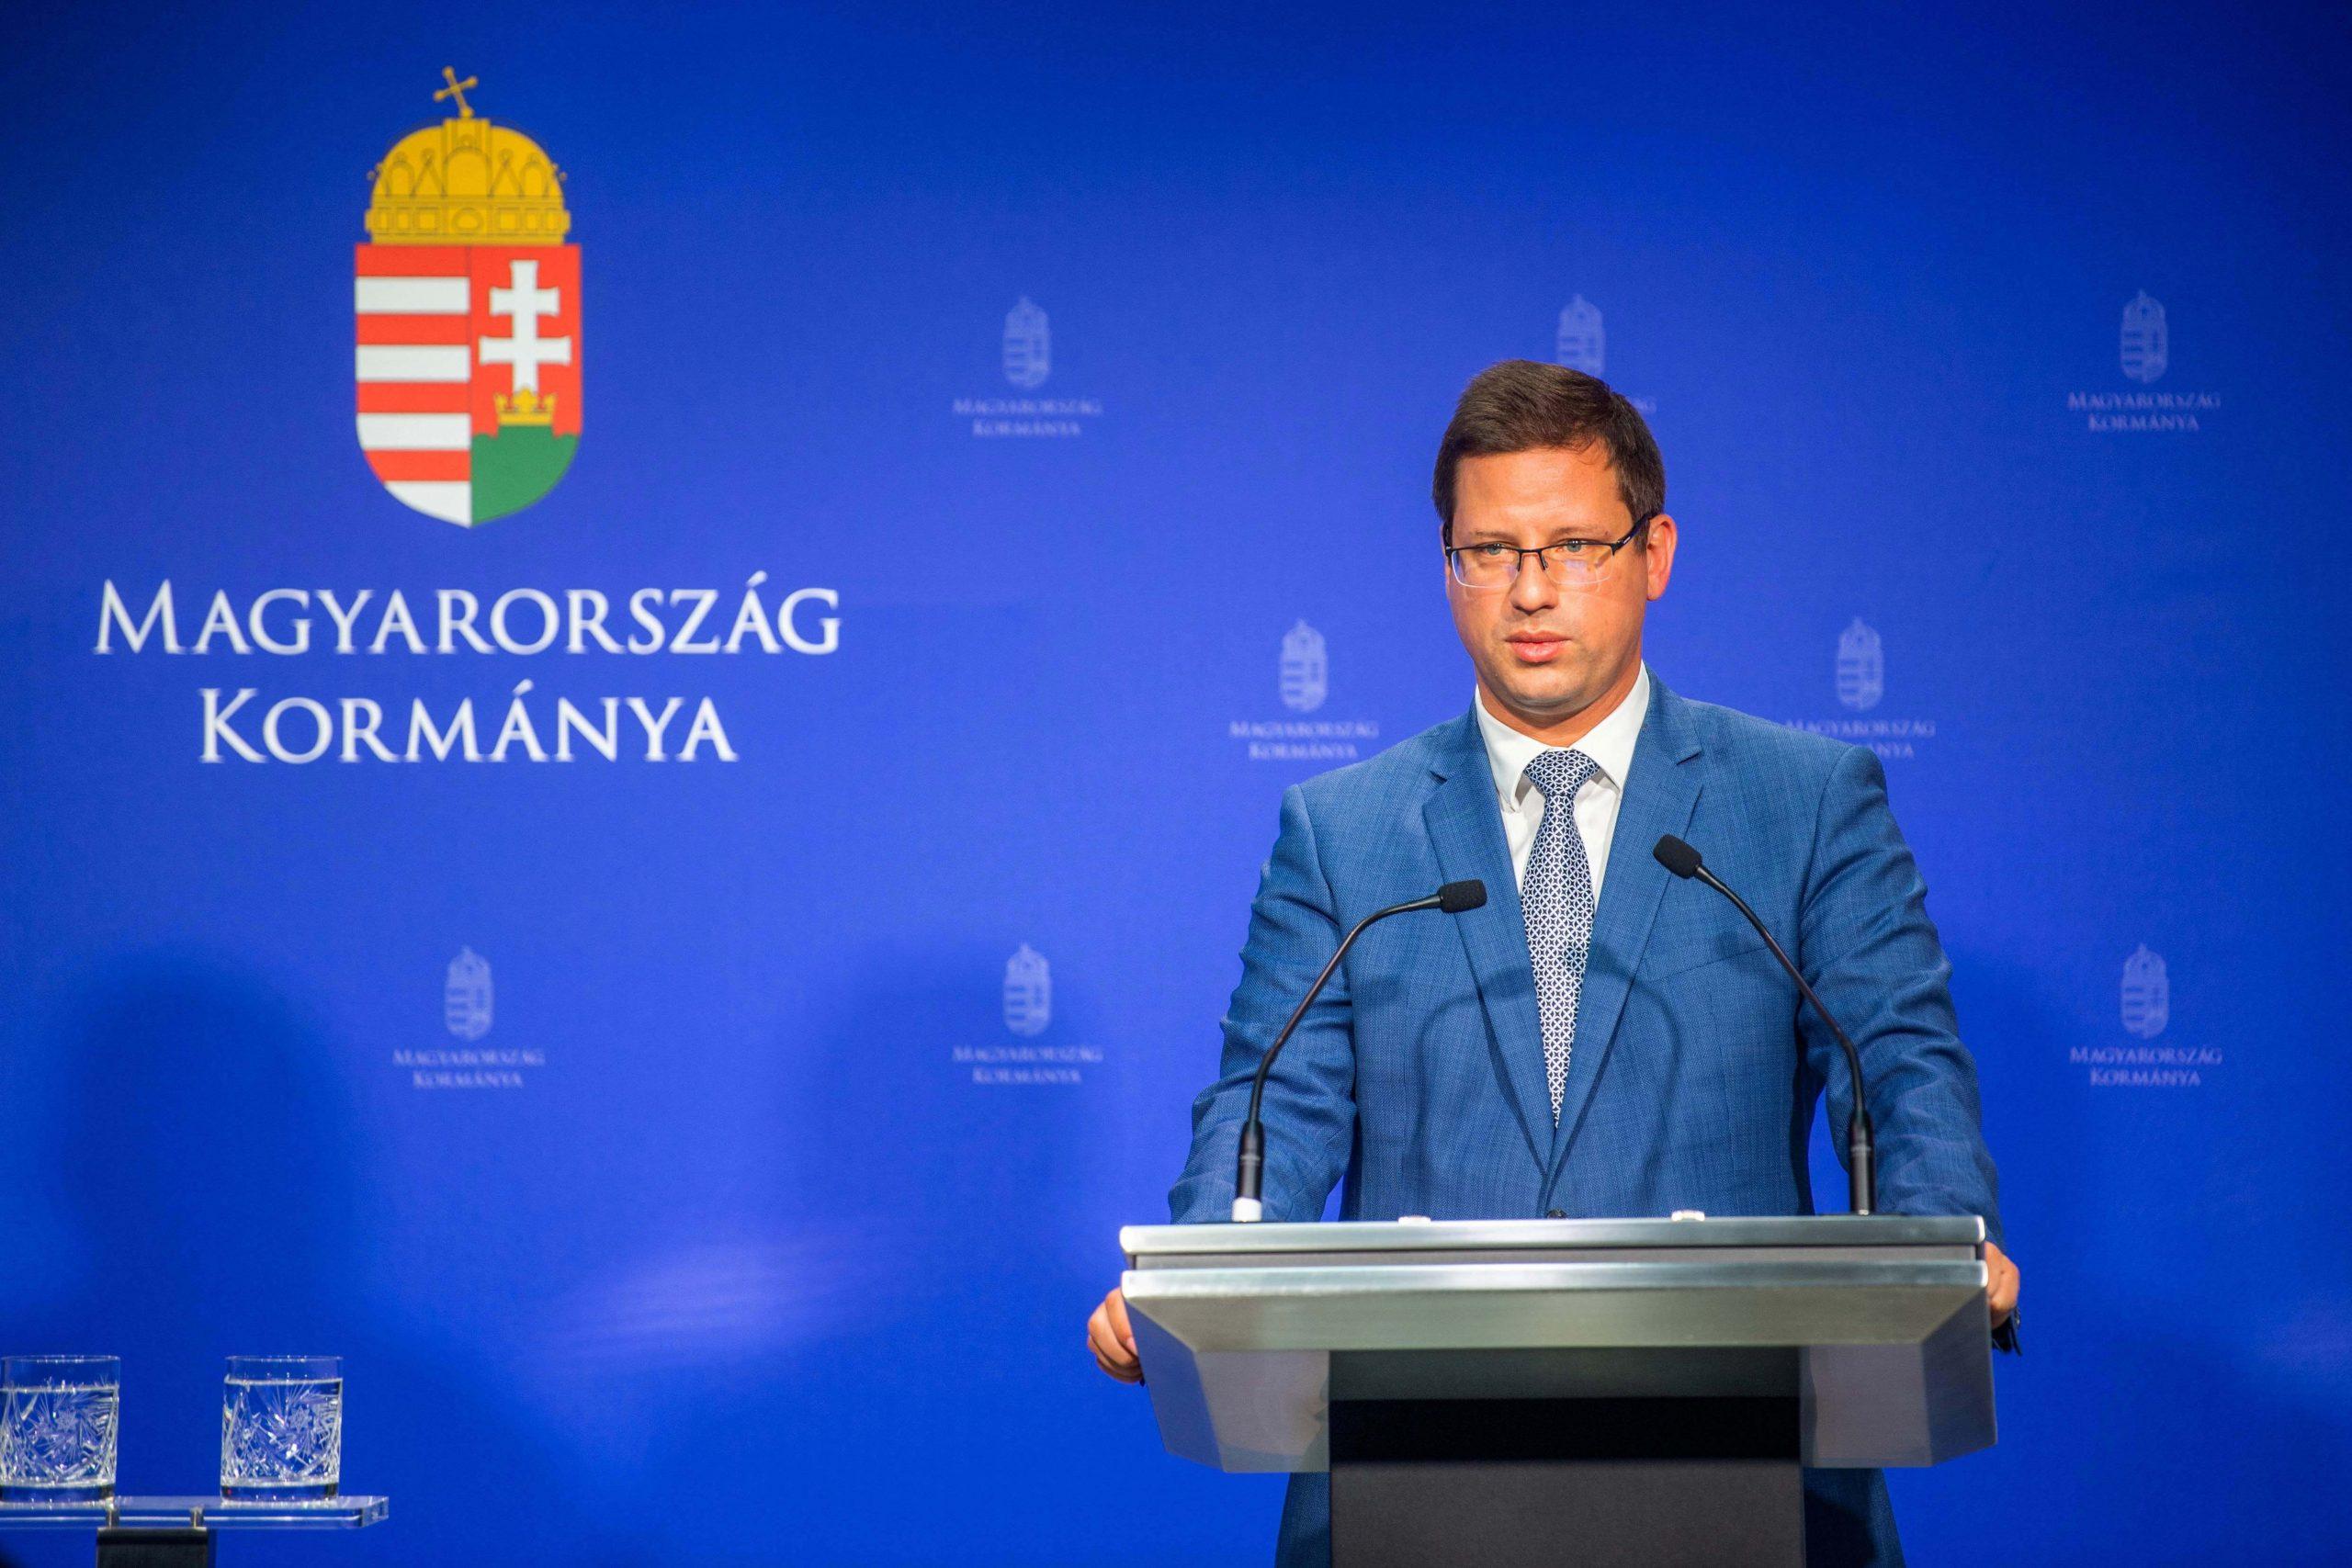 Kanzleramtsminister: Wirtschaftswachstum 2021 von 7 Prozent möglich